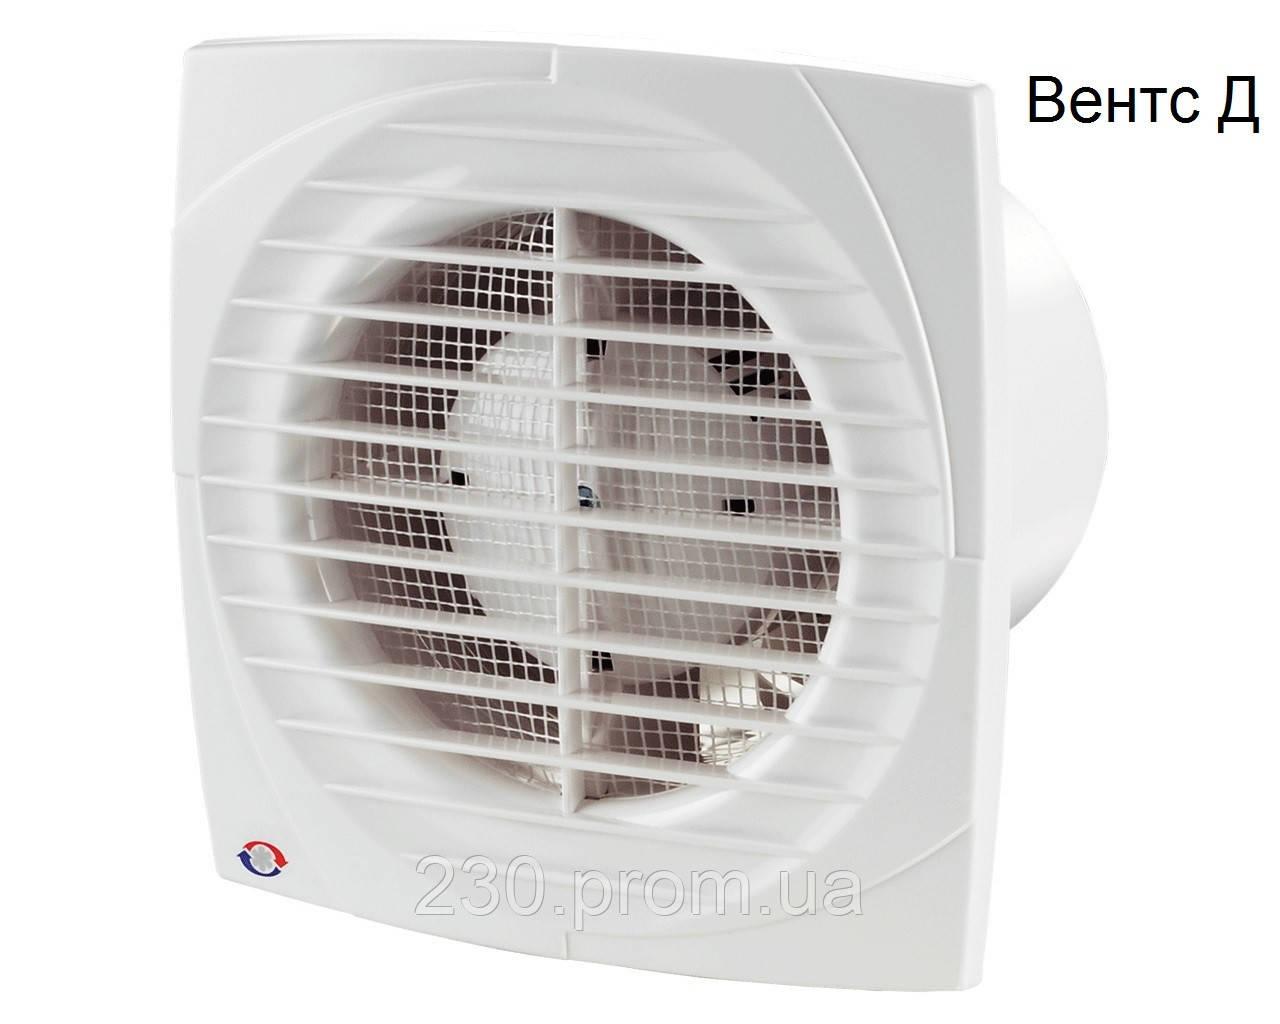 Вентилятор вентс 100 Д Л на подшипниках